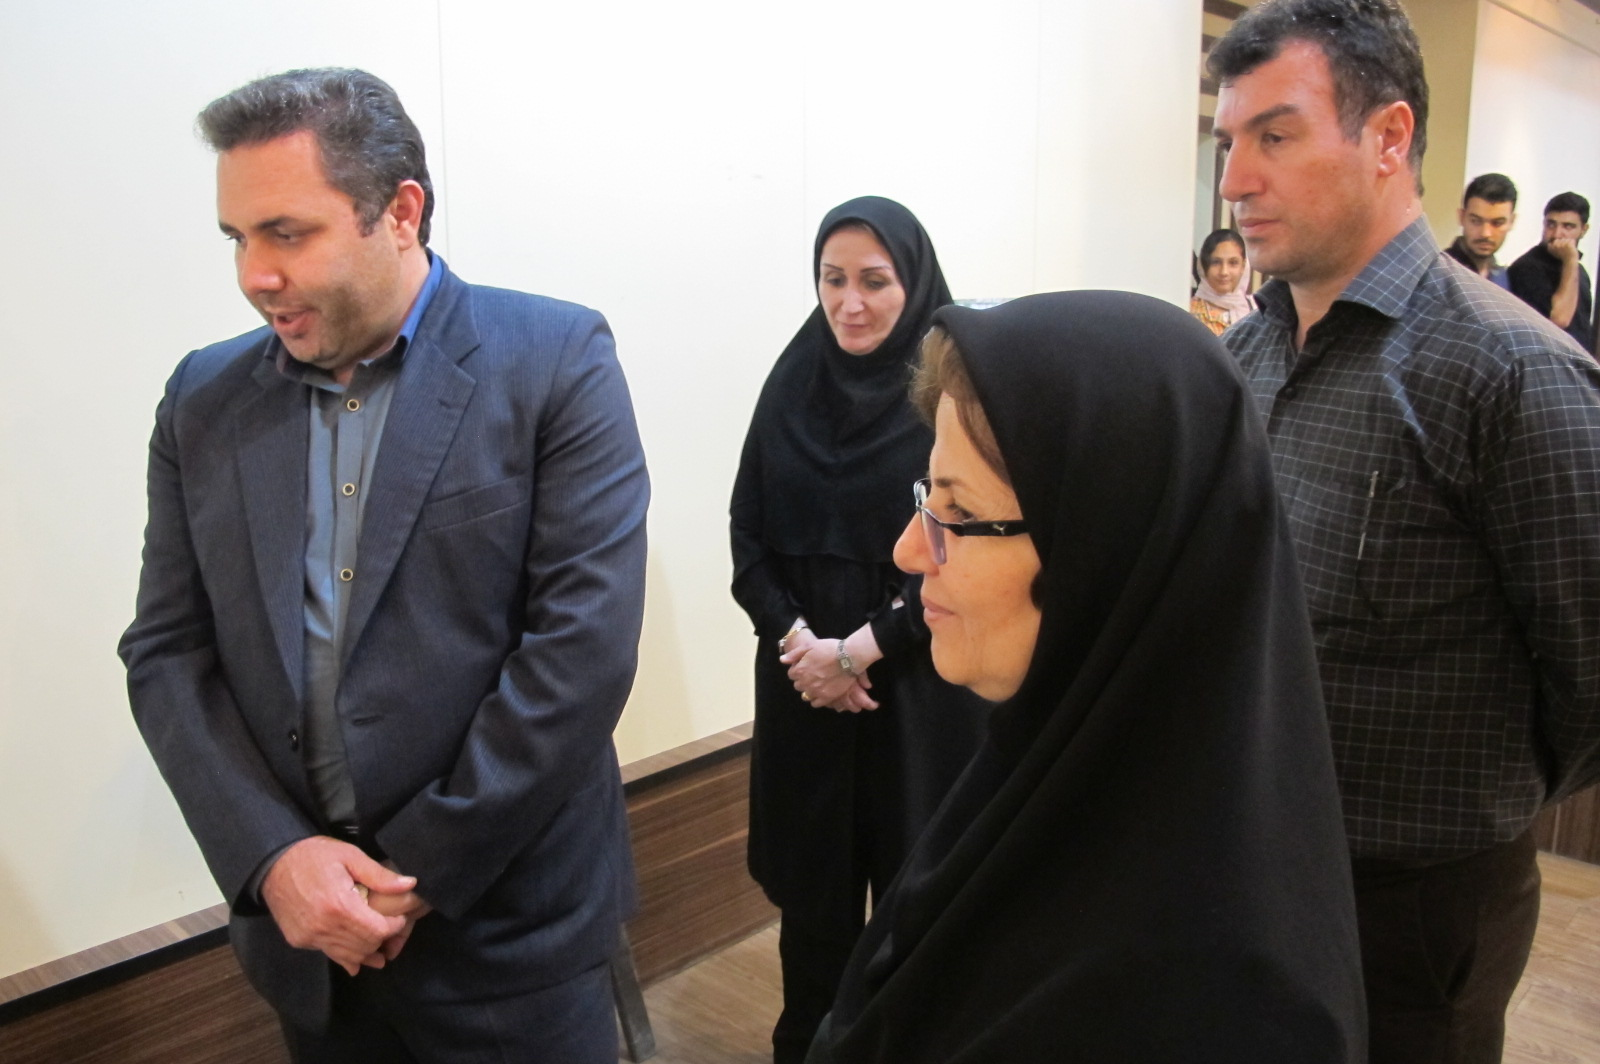 افتتاح نمایشگاه عکس  (کبوترهای آسمانی گیلان) در لاهیجان